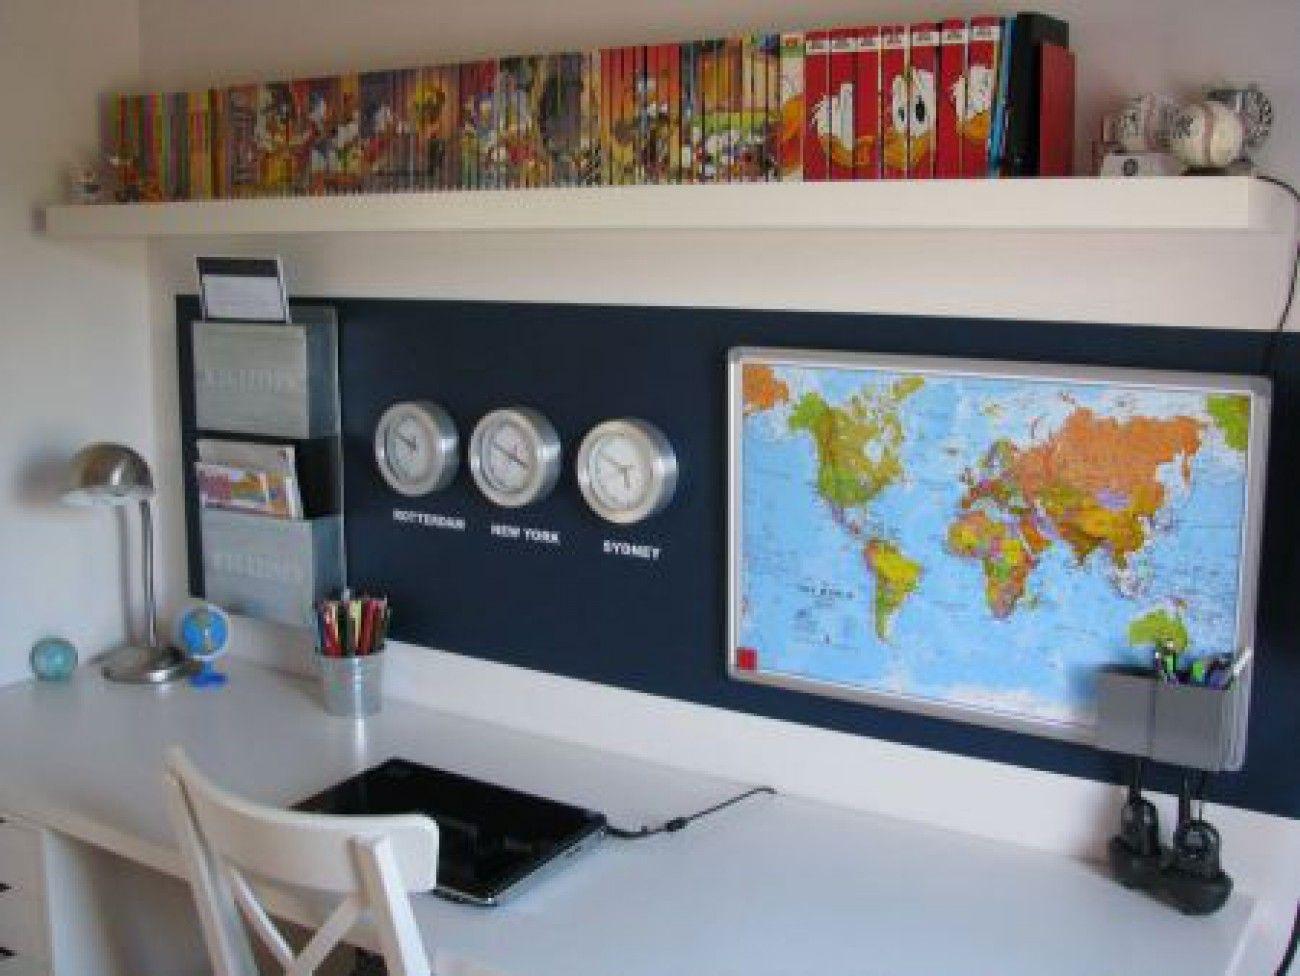 bureau idee | feest | Pinterest | Decorating and Room